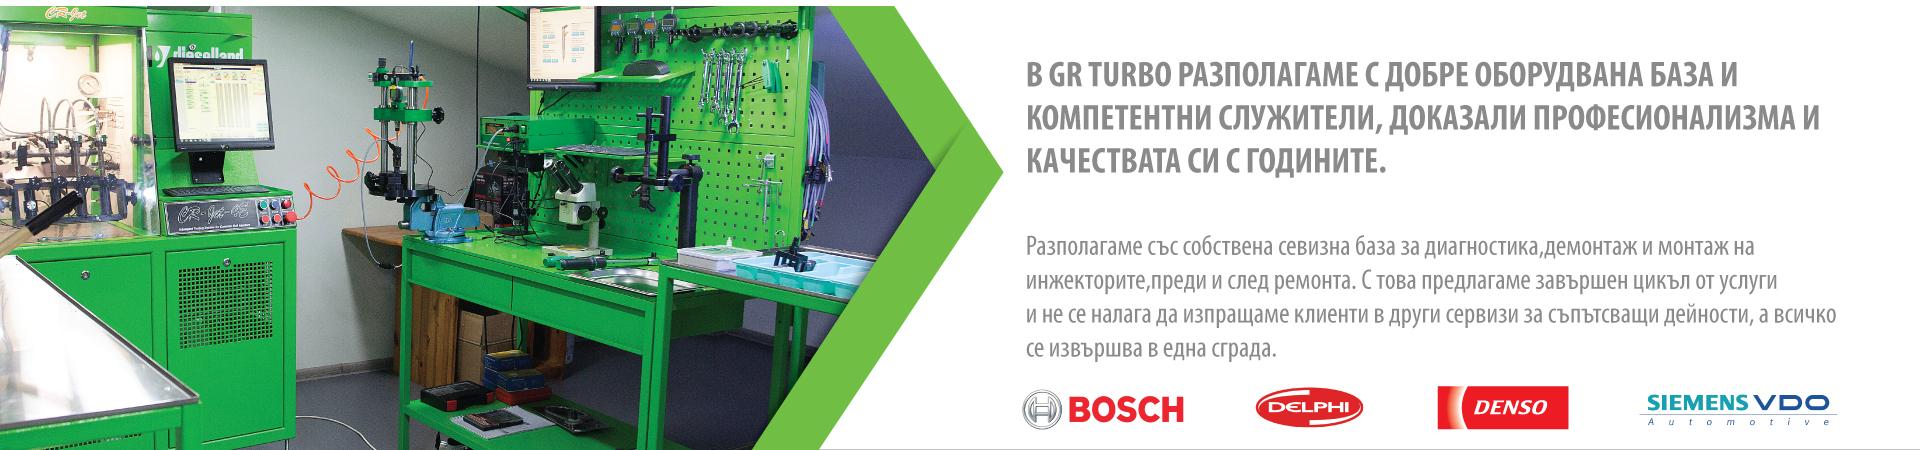 Рециклиране, балансиране и диагностициране на всякакъв вид турбокомпресори.